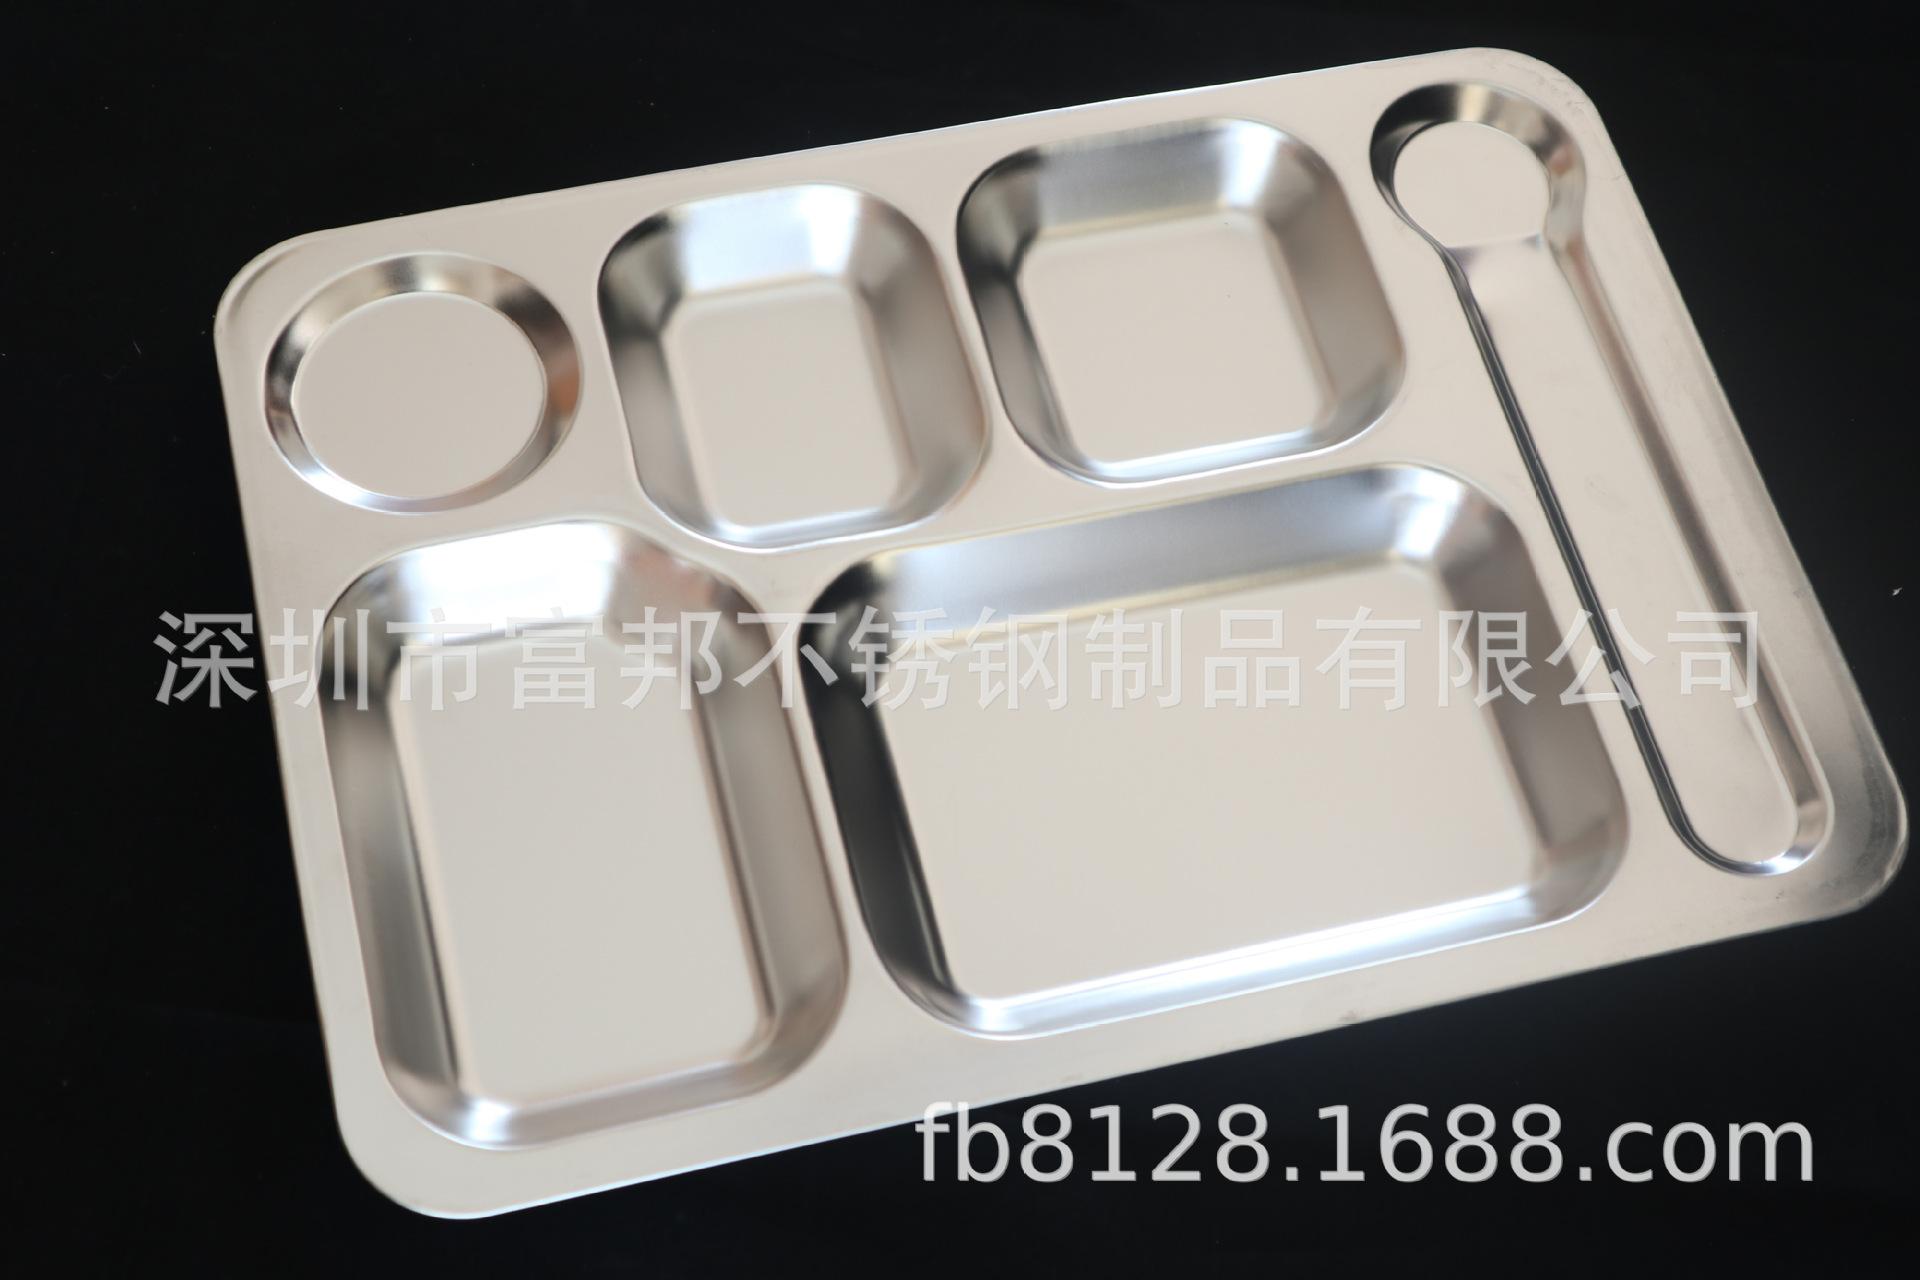 厂价直销304不锈钢大六格快餐盘 加厚快餐盘 不锈钢快餐盘大六格